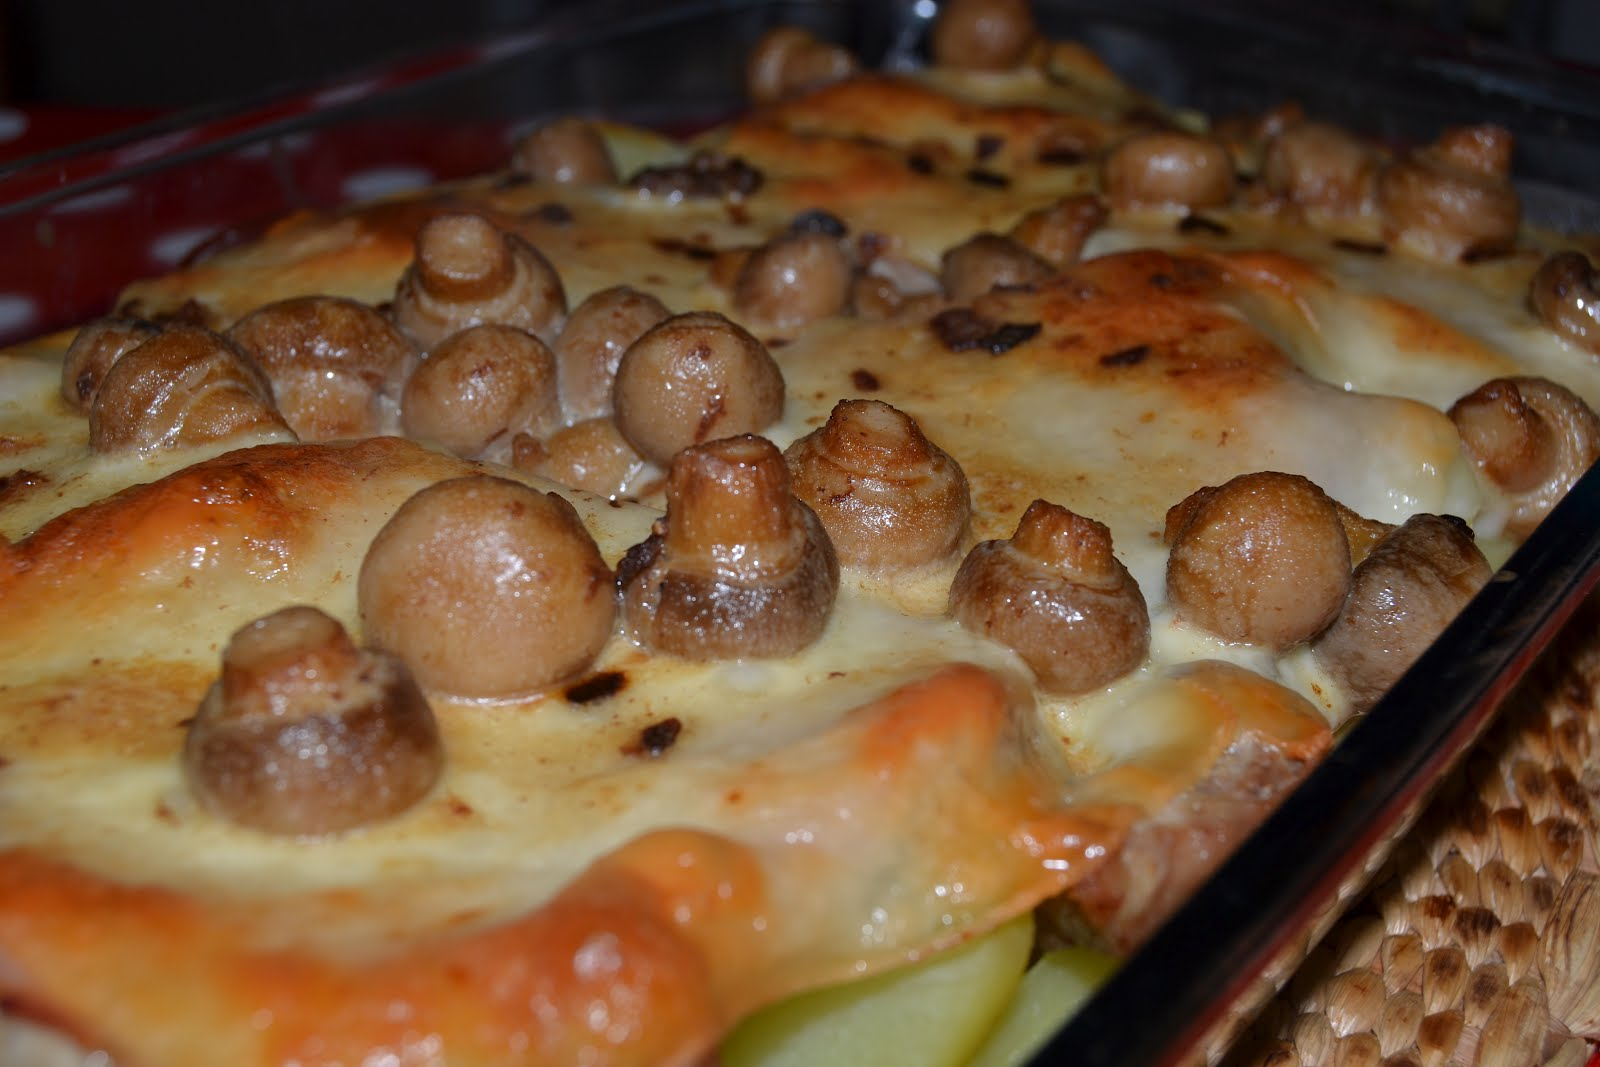 ingredientes q b bifanas fatias de fiambre fatias de queijo cogumelos  #AE5116 1600x1067